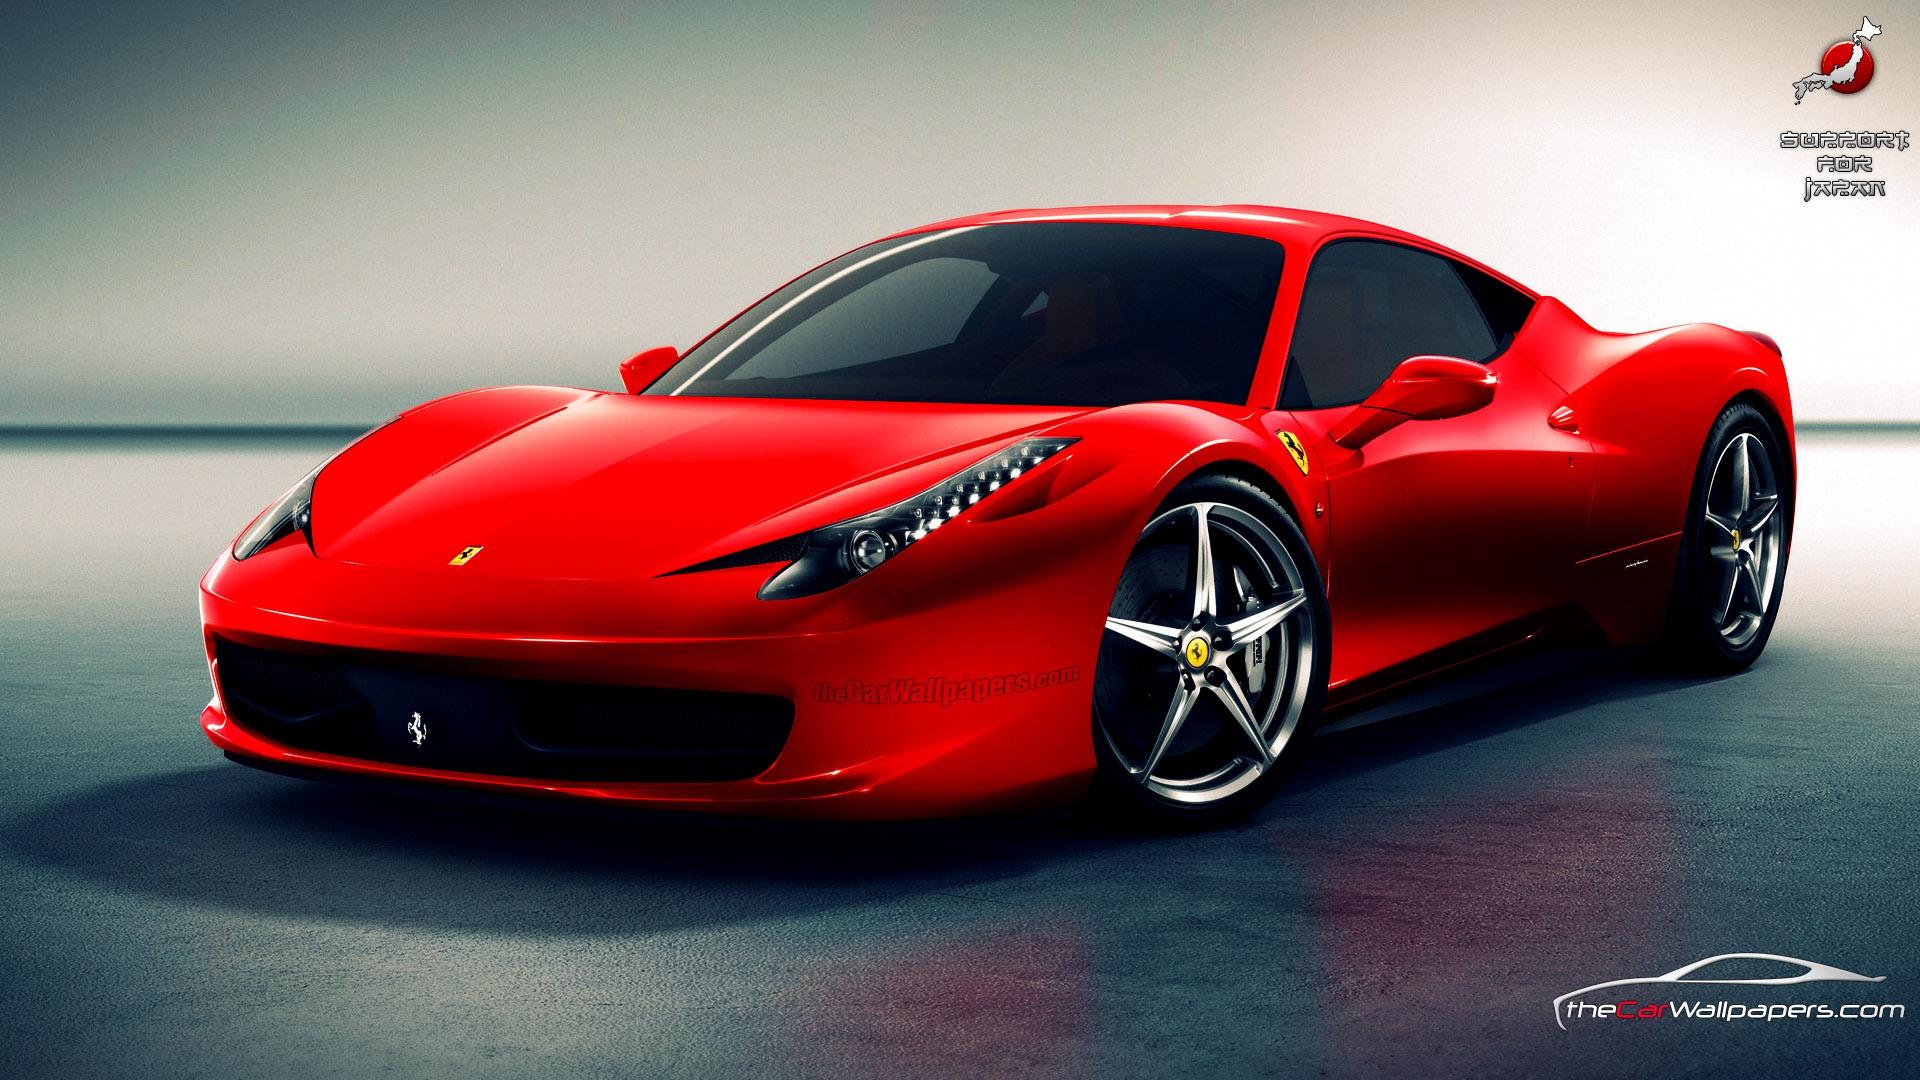 Черный спортивный автомобиль Ferrari Enzo  № 2892529  скачать